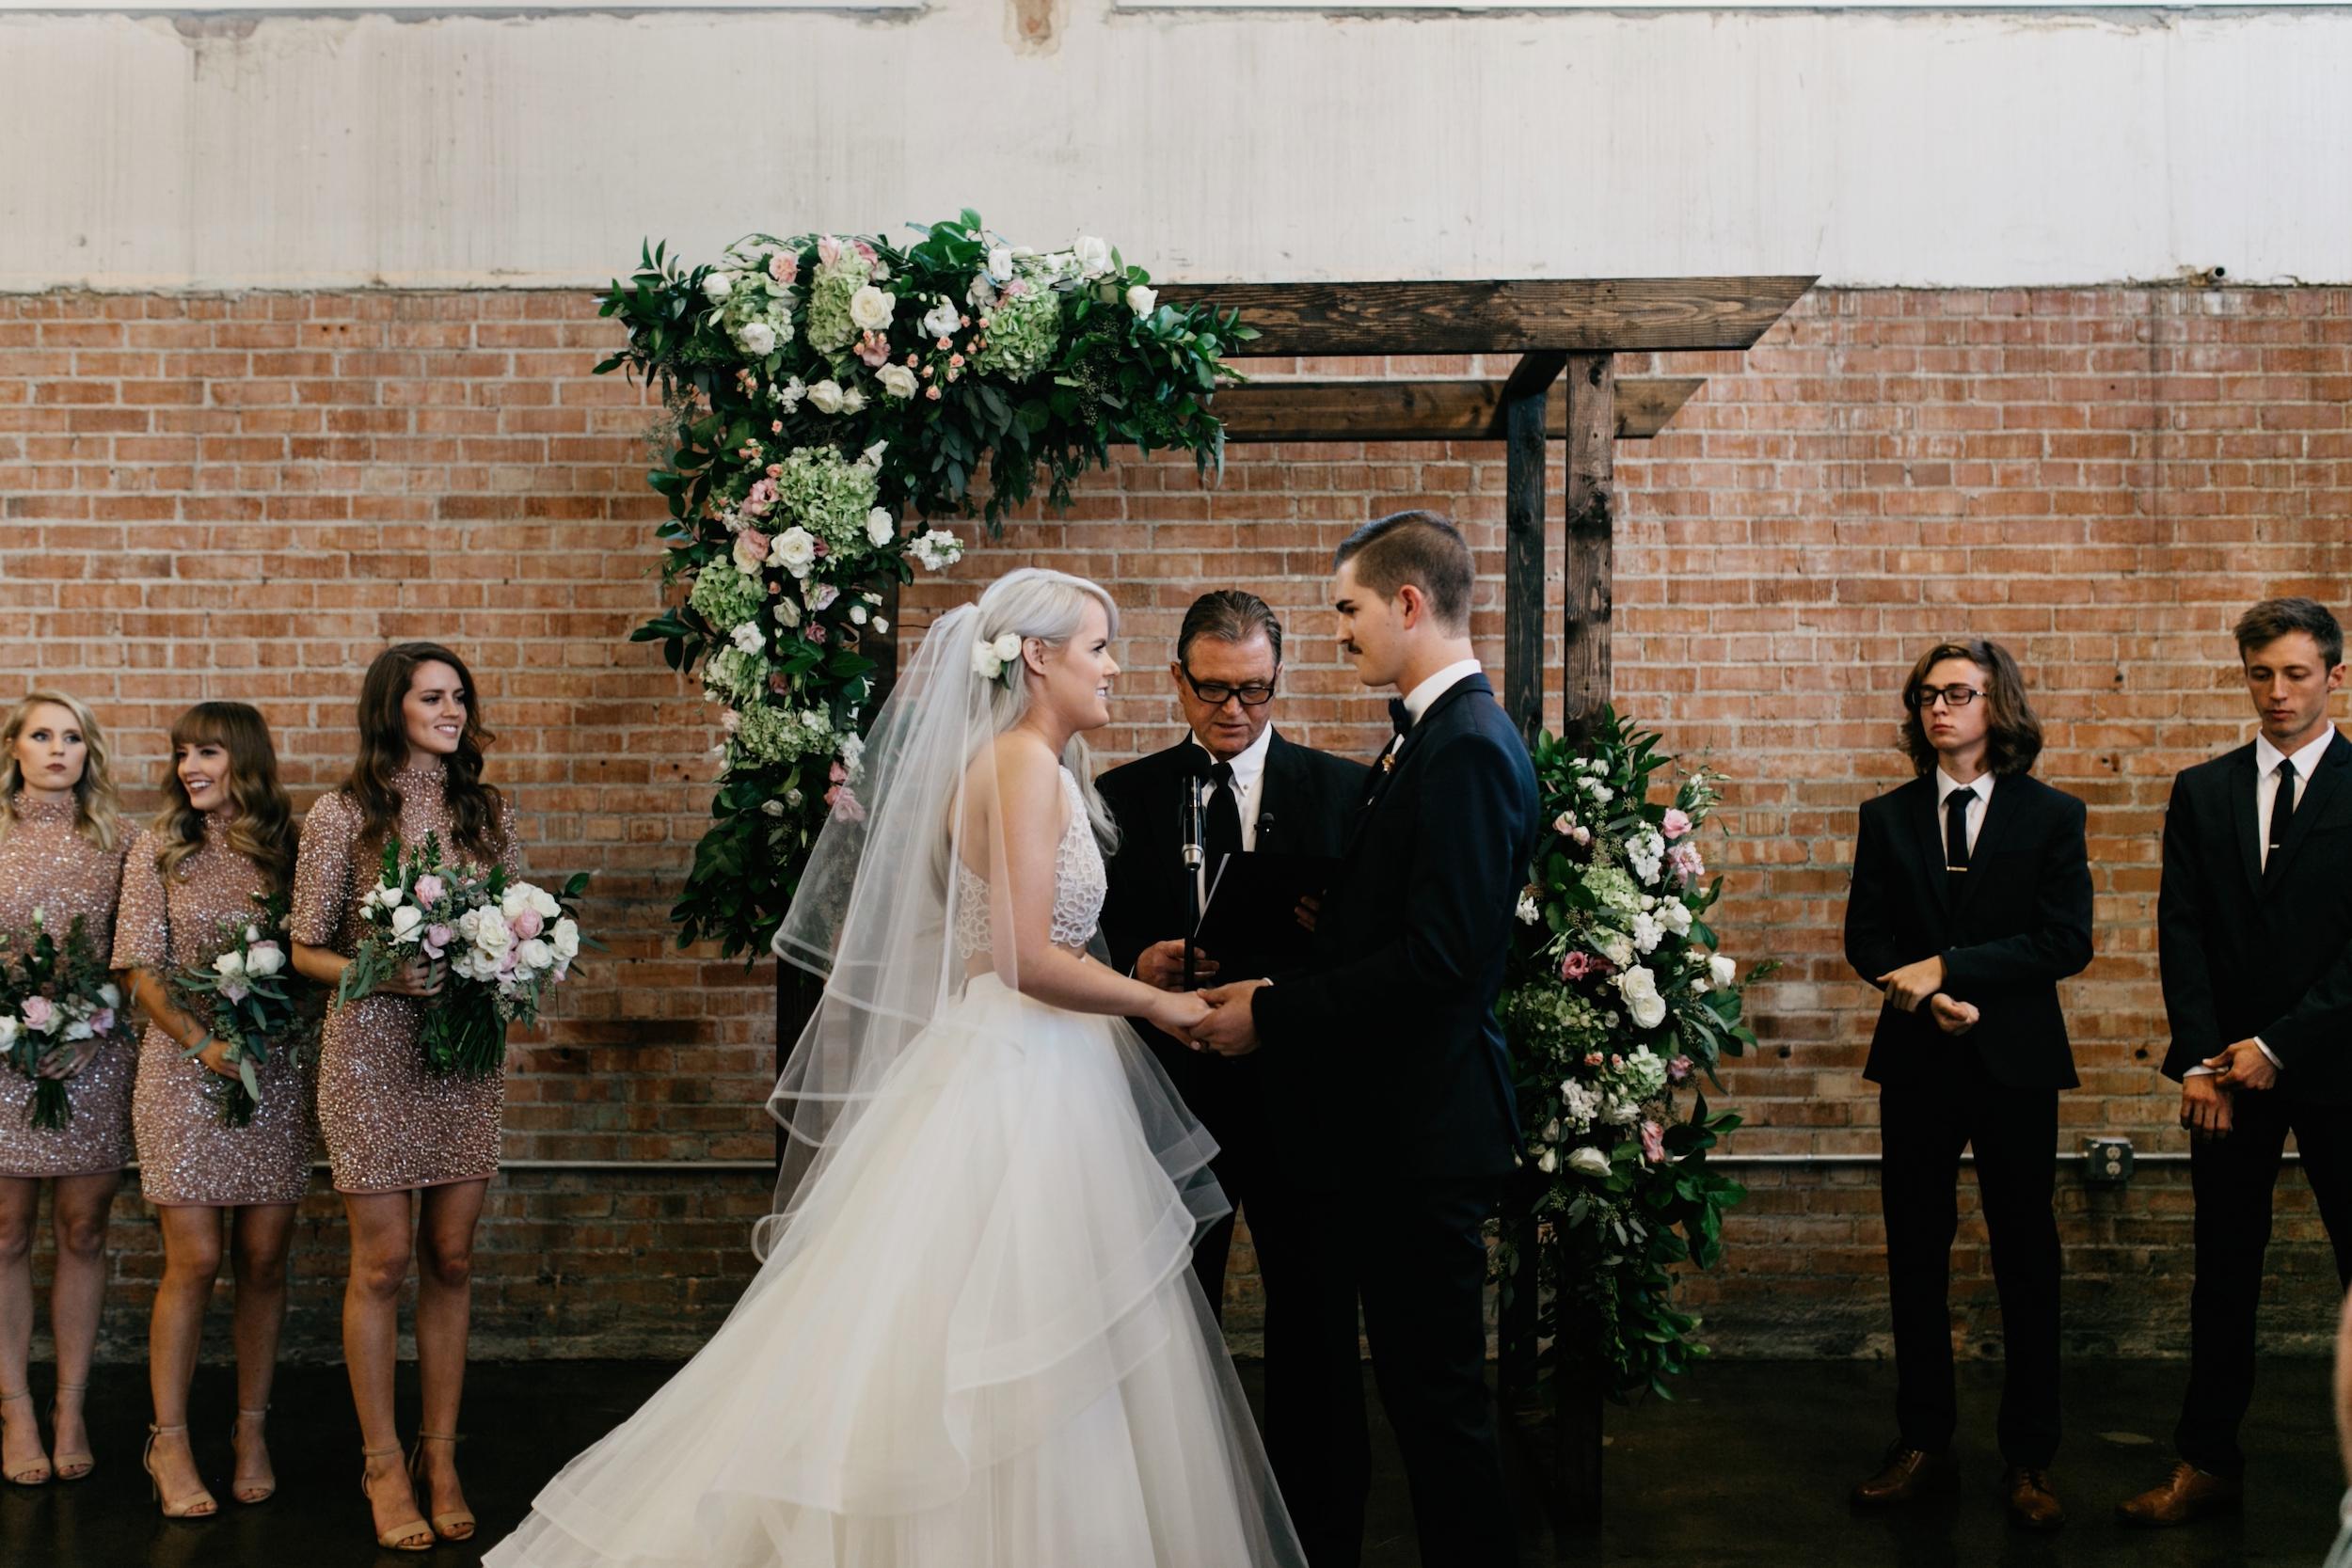 arizona - wedding - photography 01600.jpg